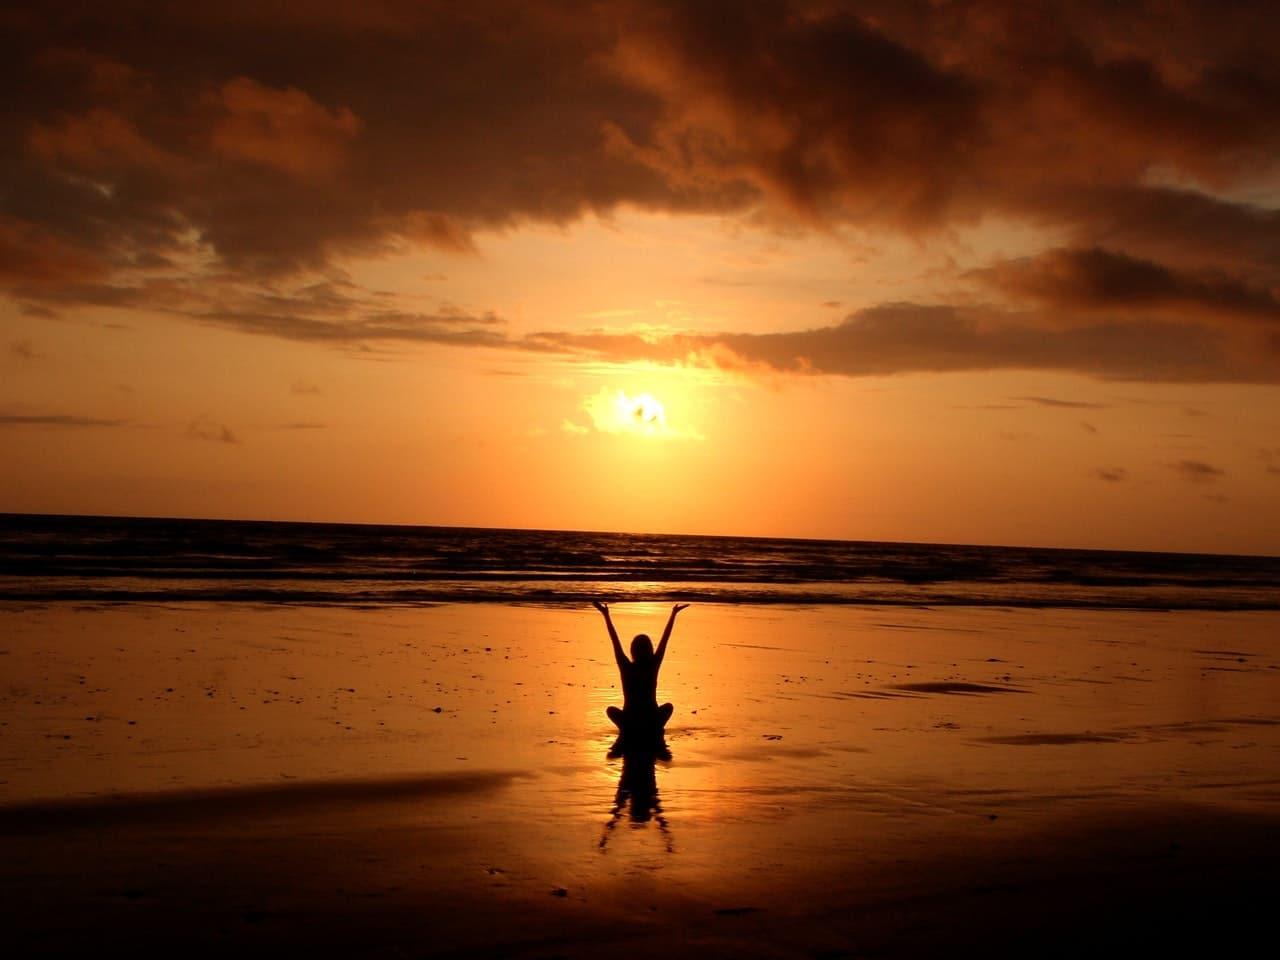 Mulher em praia com sol ao entardecer ao fundo